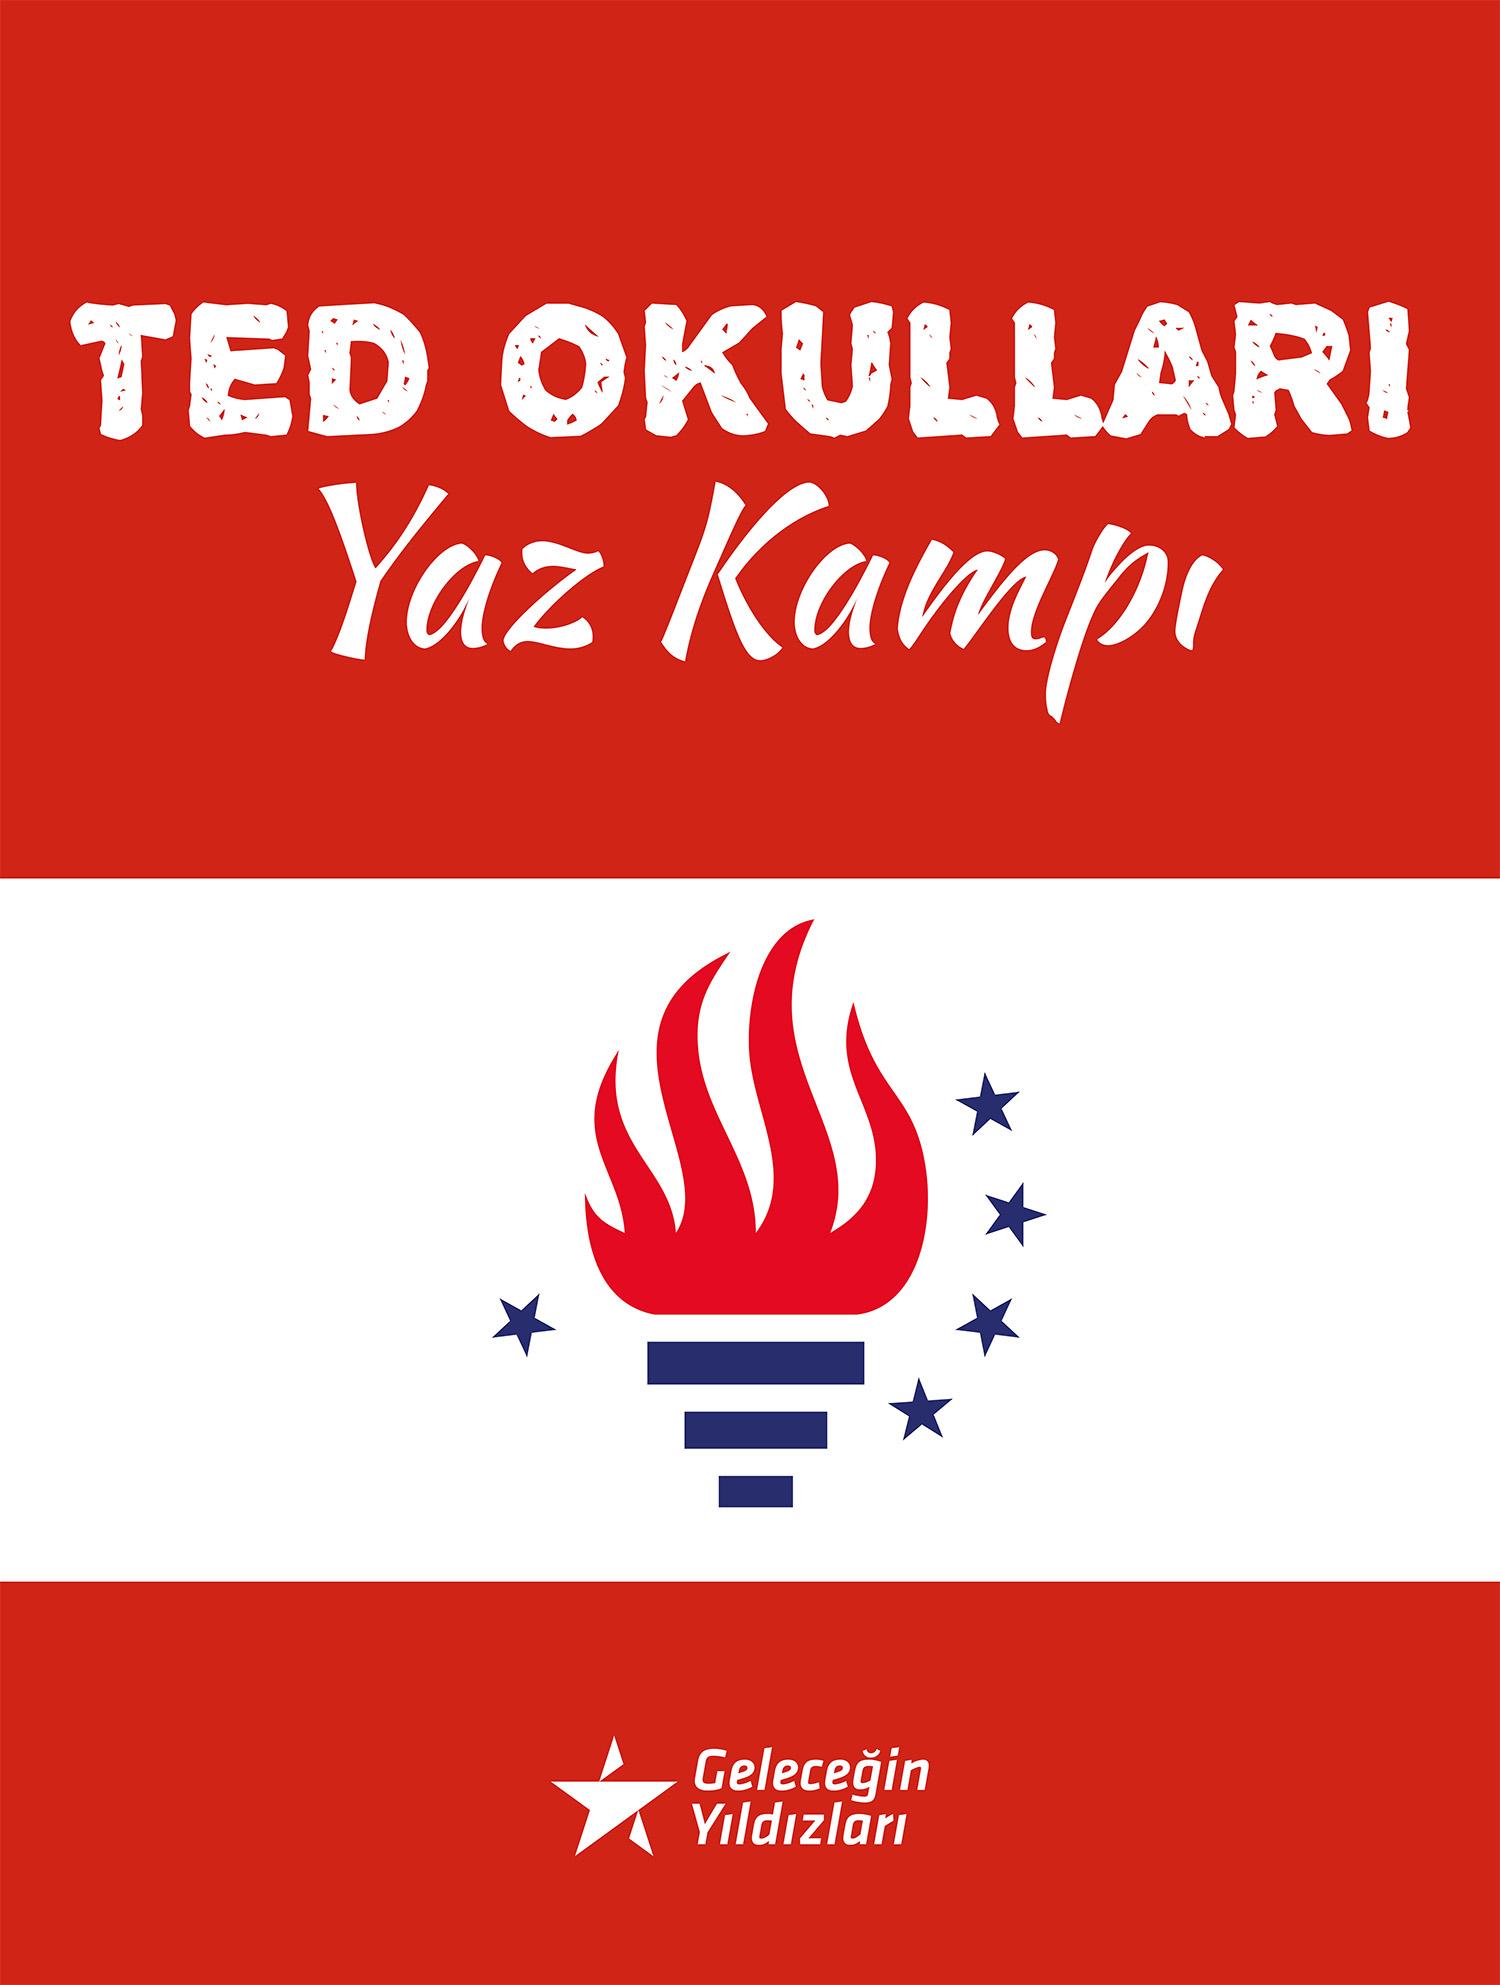 TED Okulları yaz kampı başlıyor!